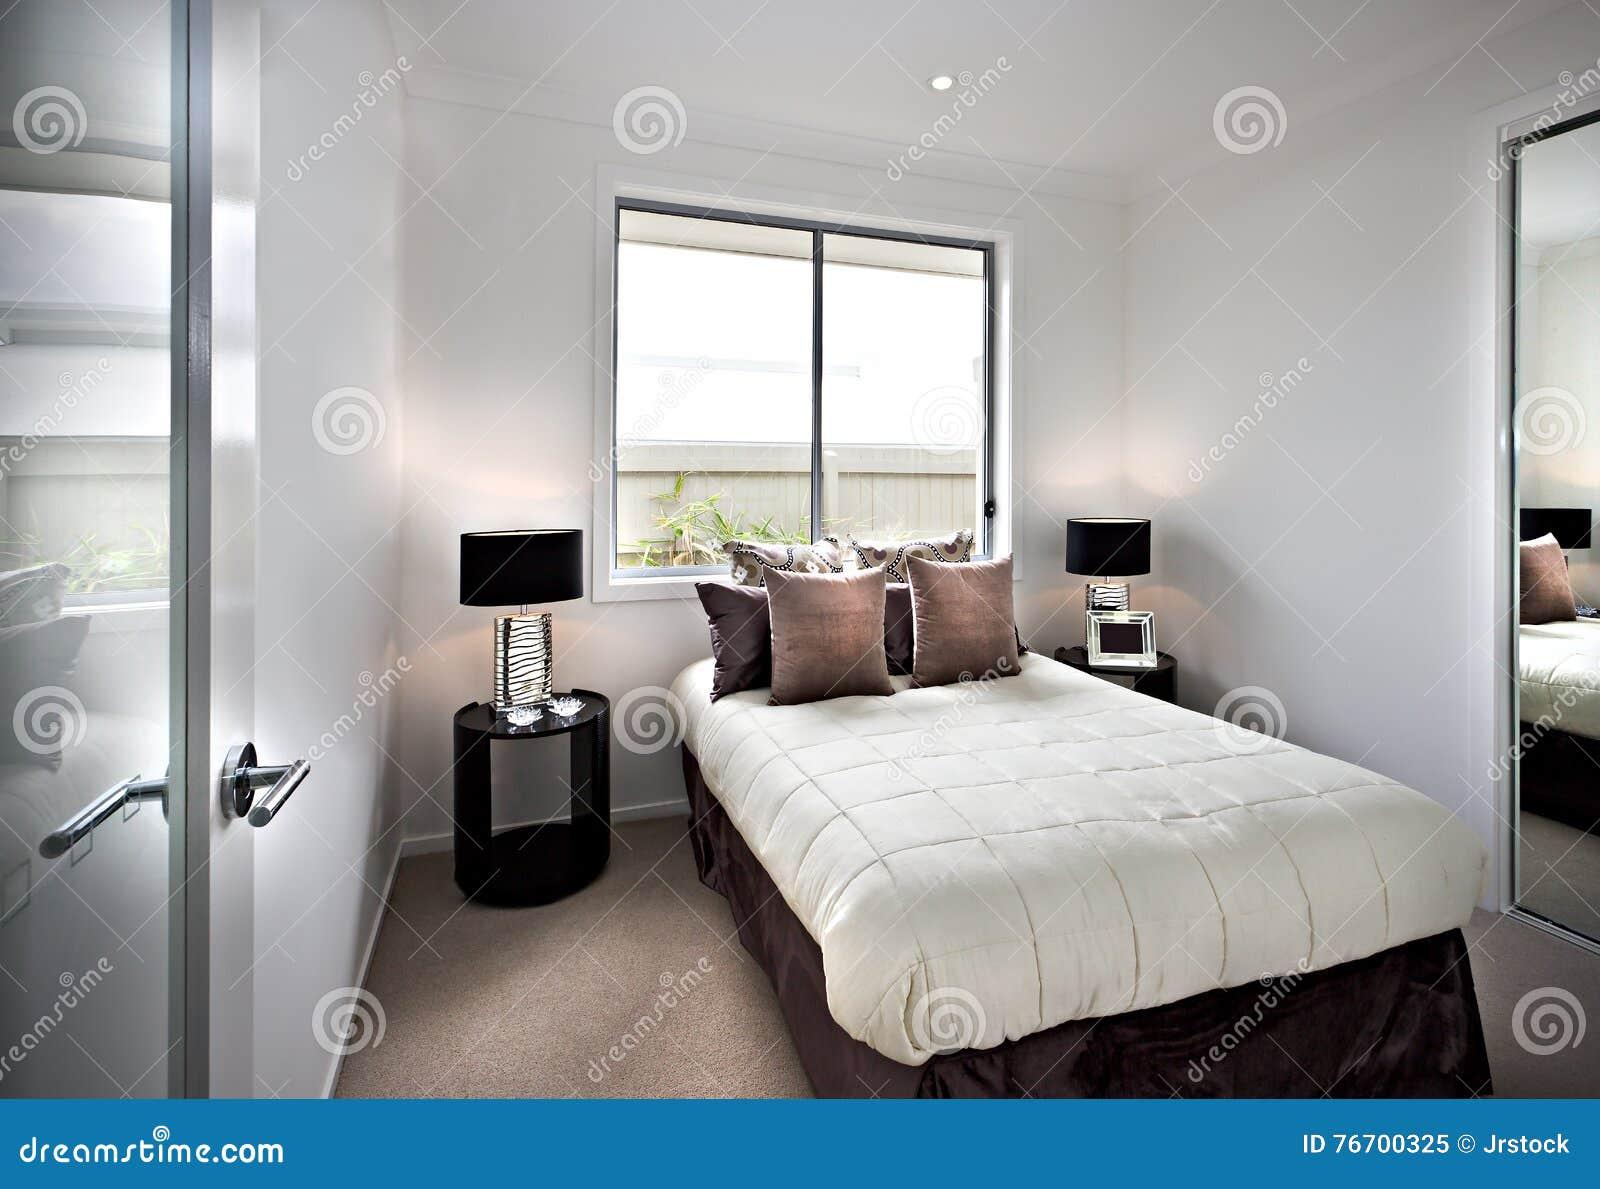 Современная и классическая спальня с окнами и лампами